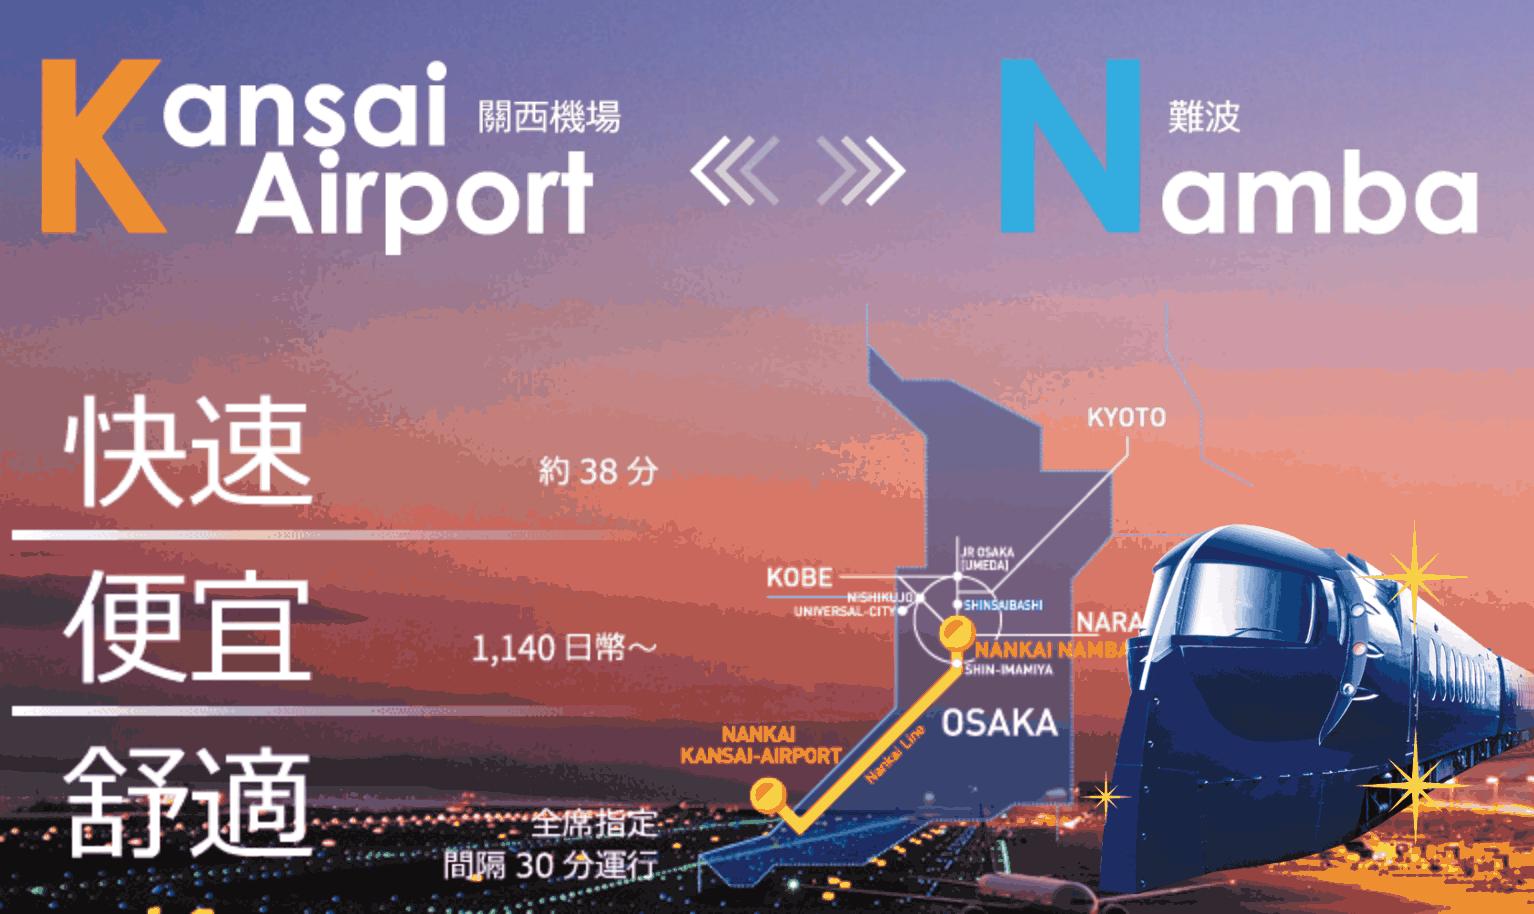 特急rapi:t: 關西機場到京都 關西機場到大阪